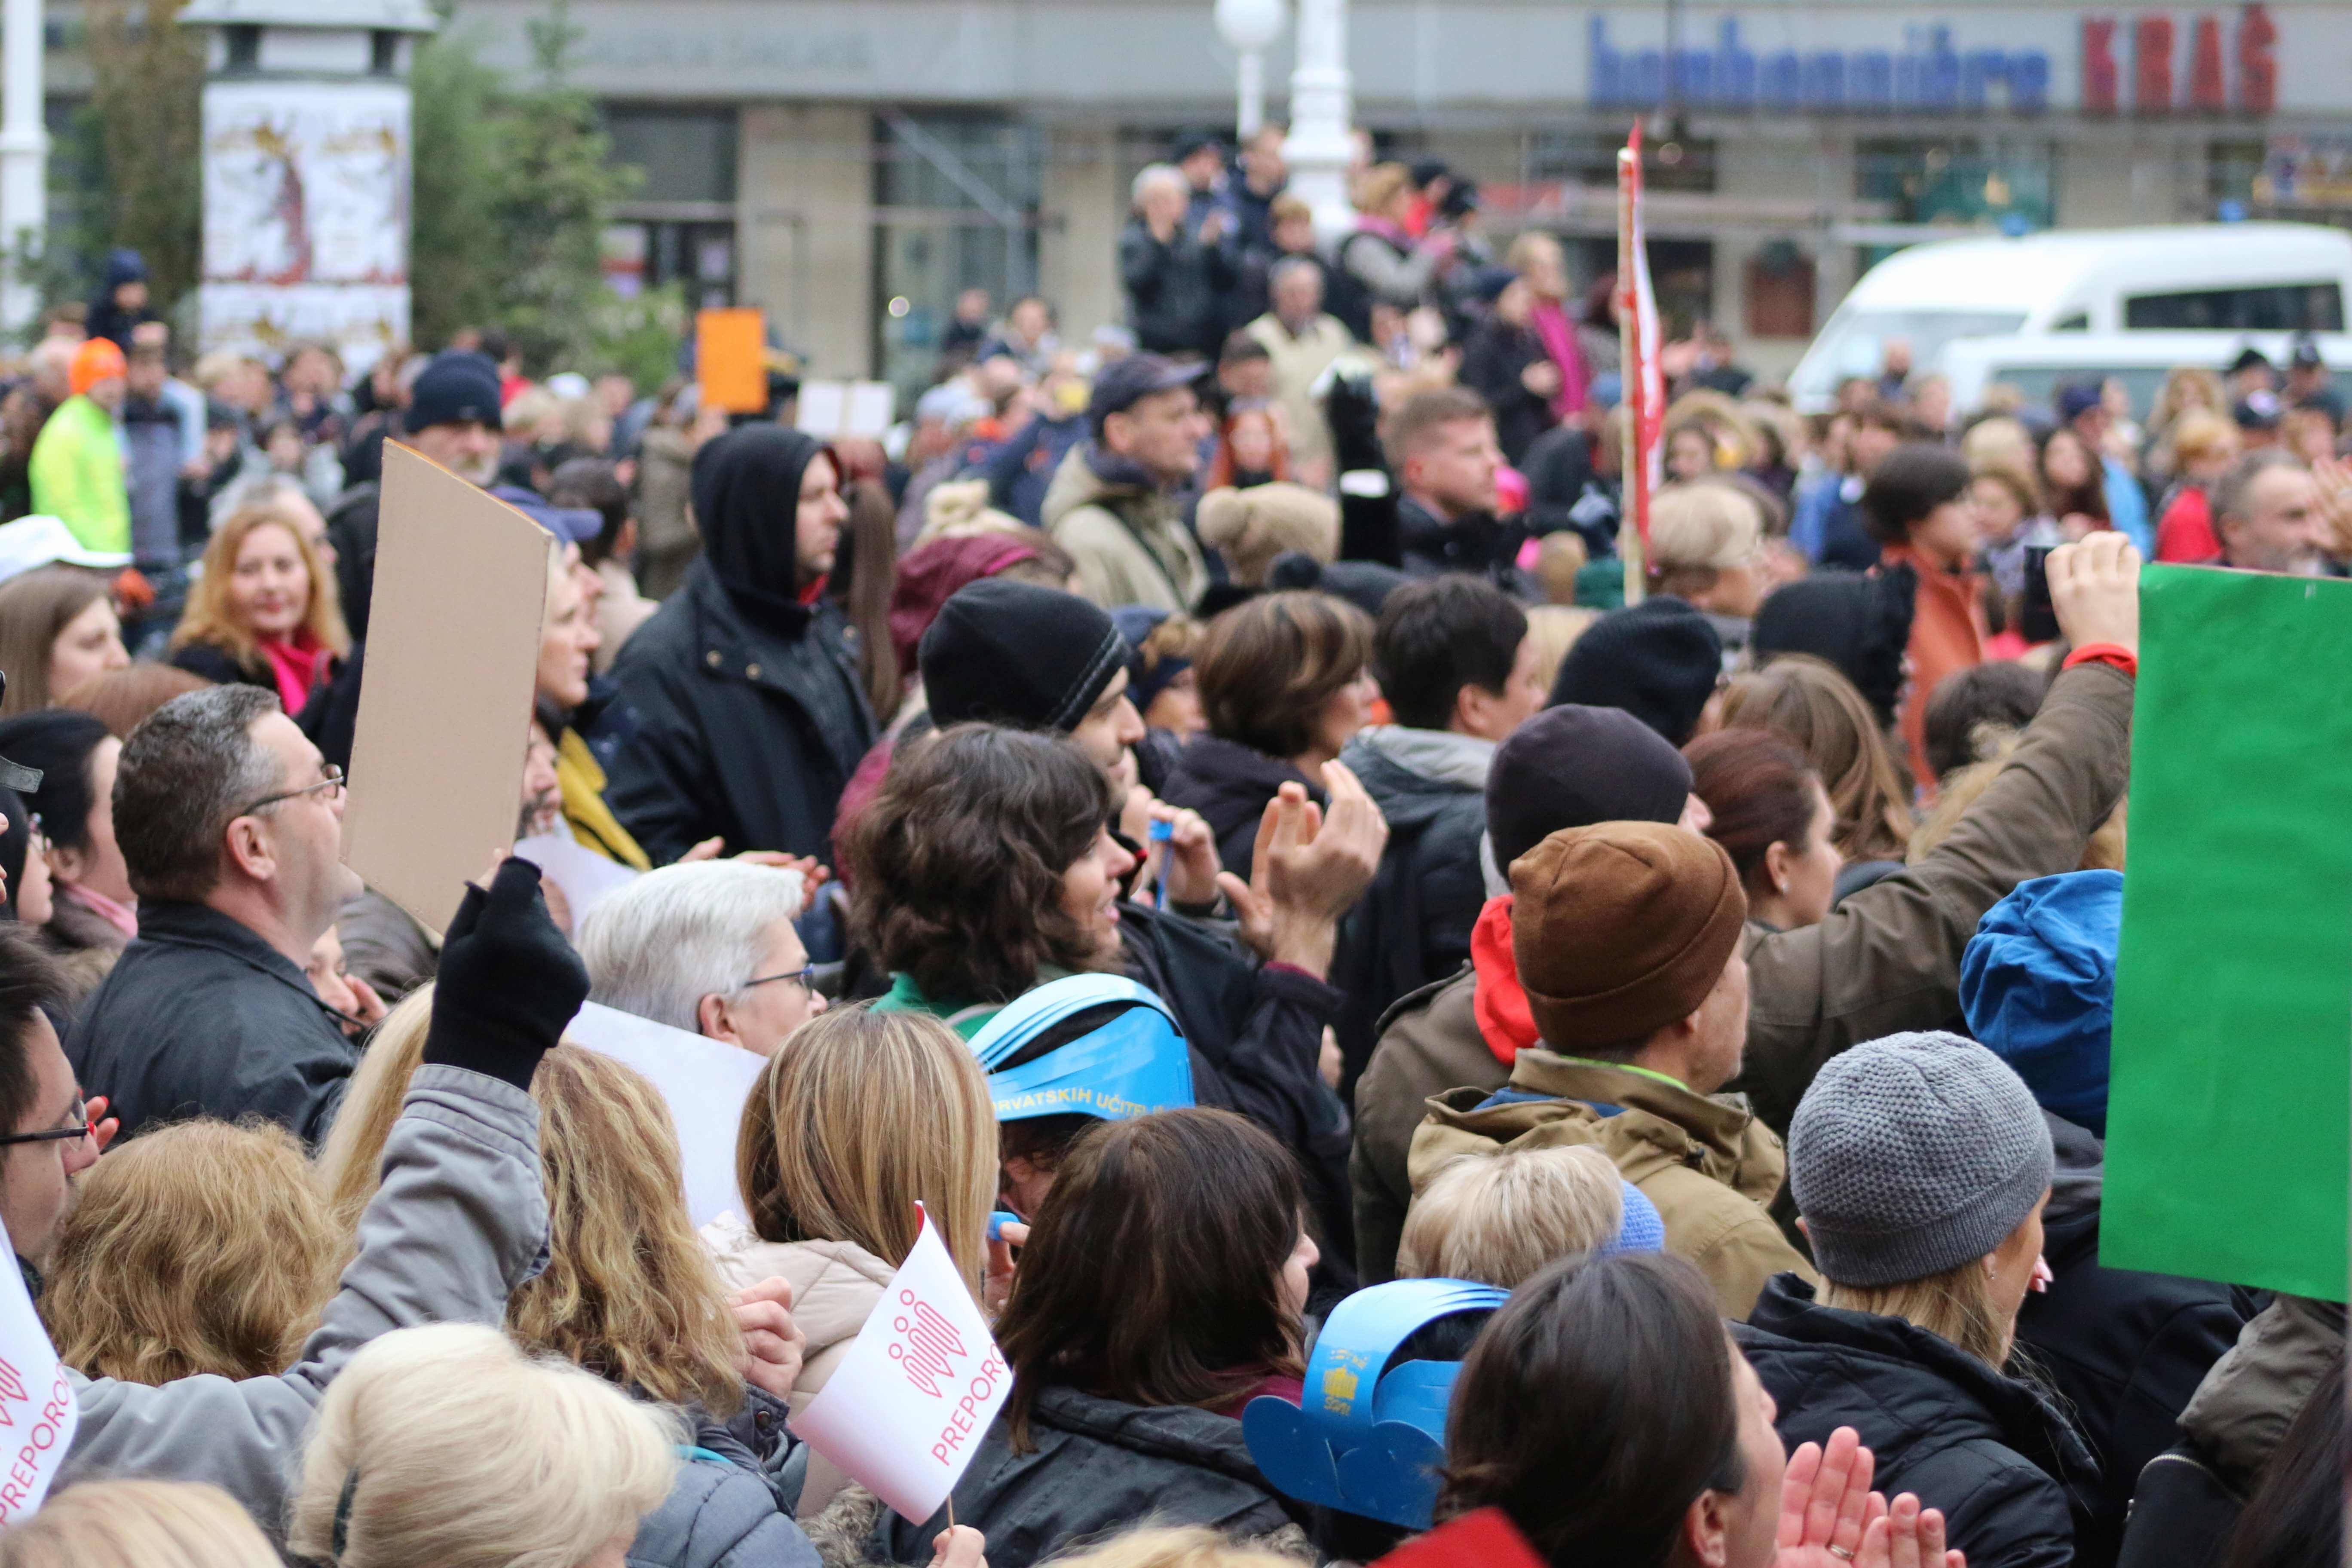 Nastavnici danas prosvjeduju u Zagrebu, Fuchs: 'Zahtjevi prilično upitni i problematični'